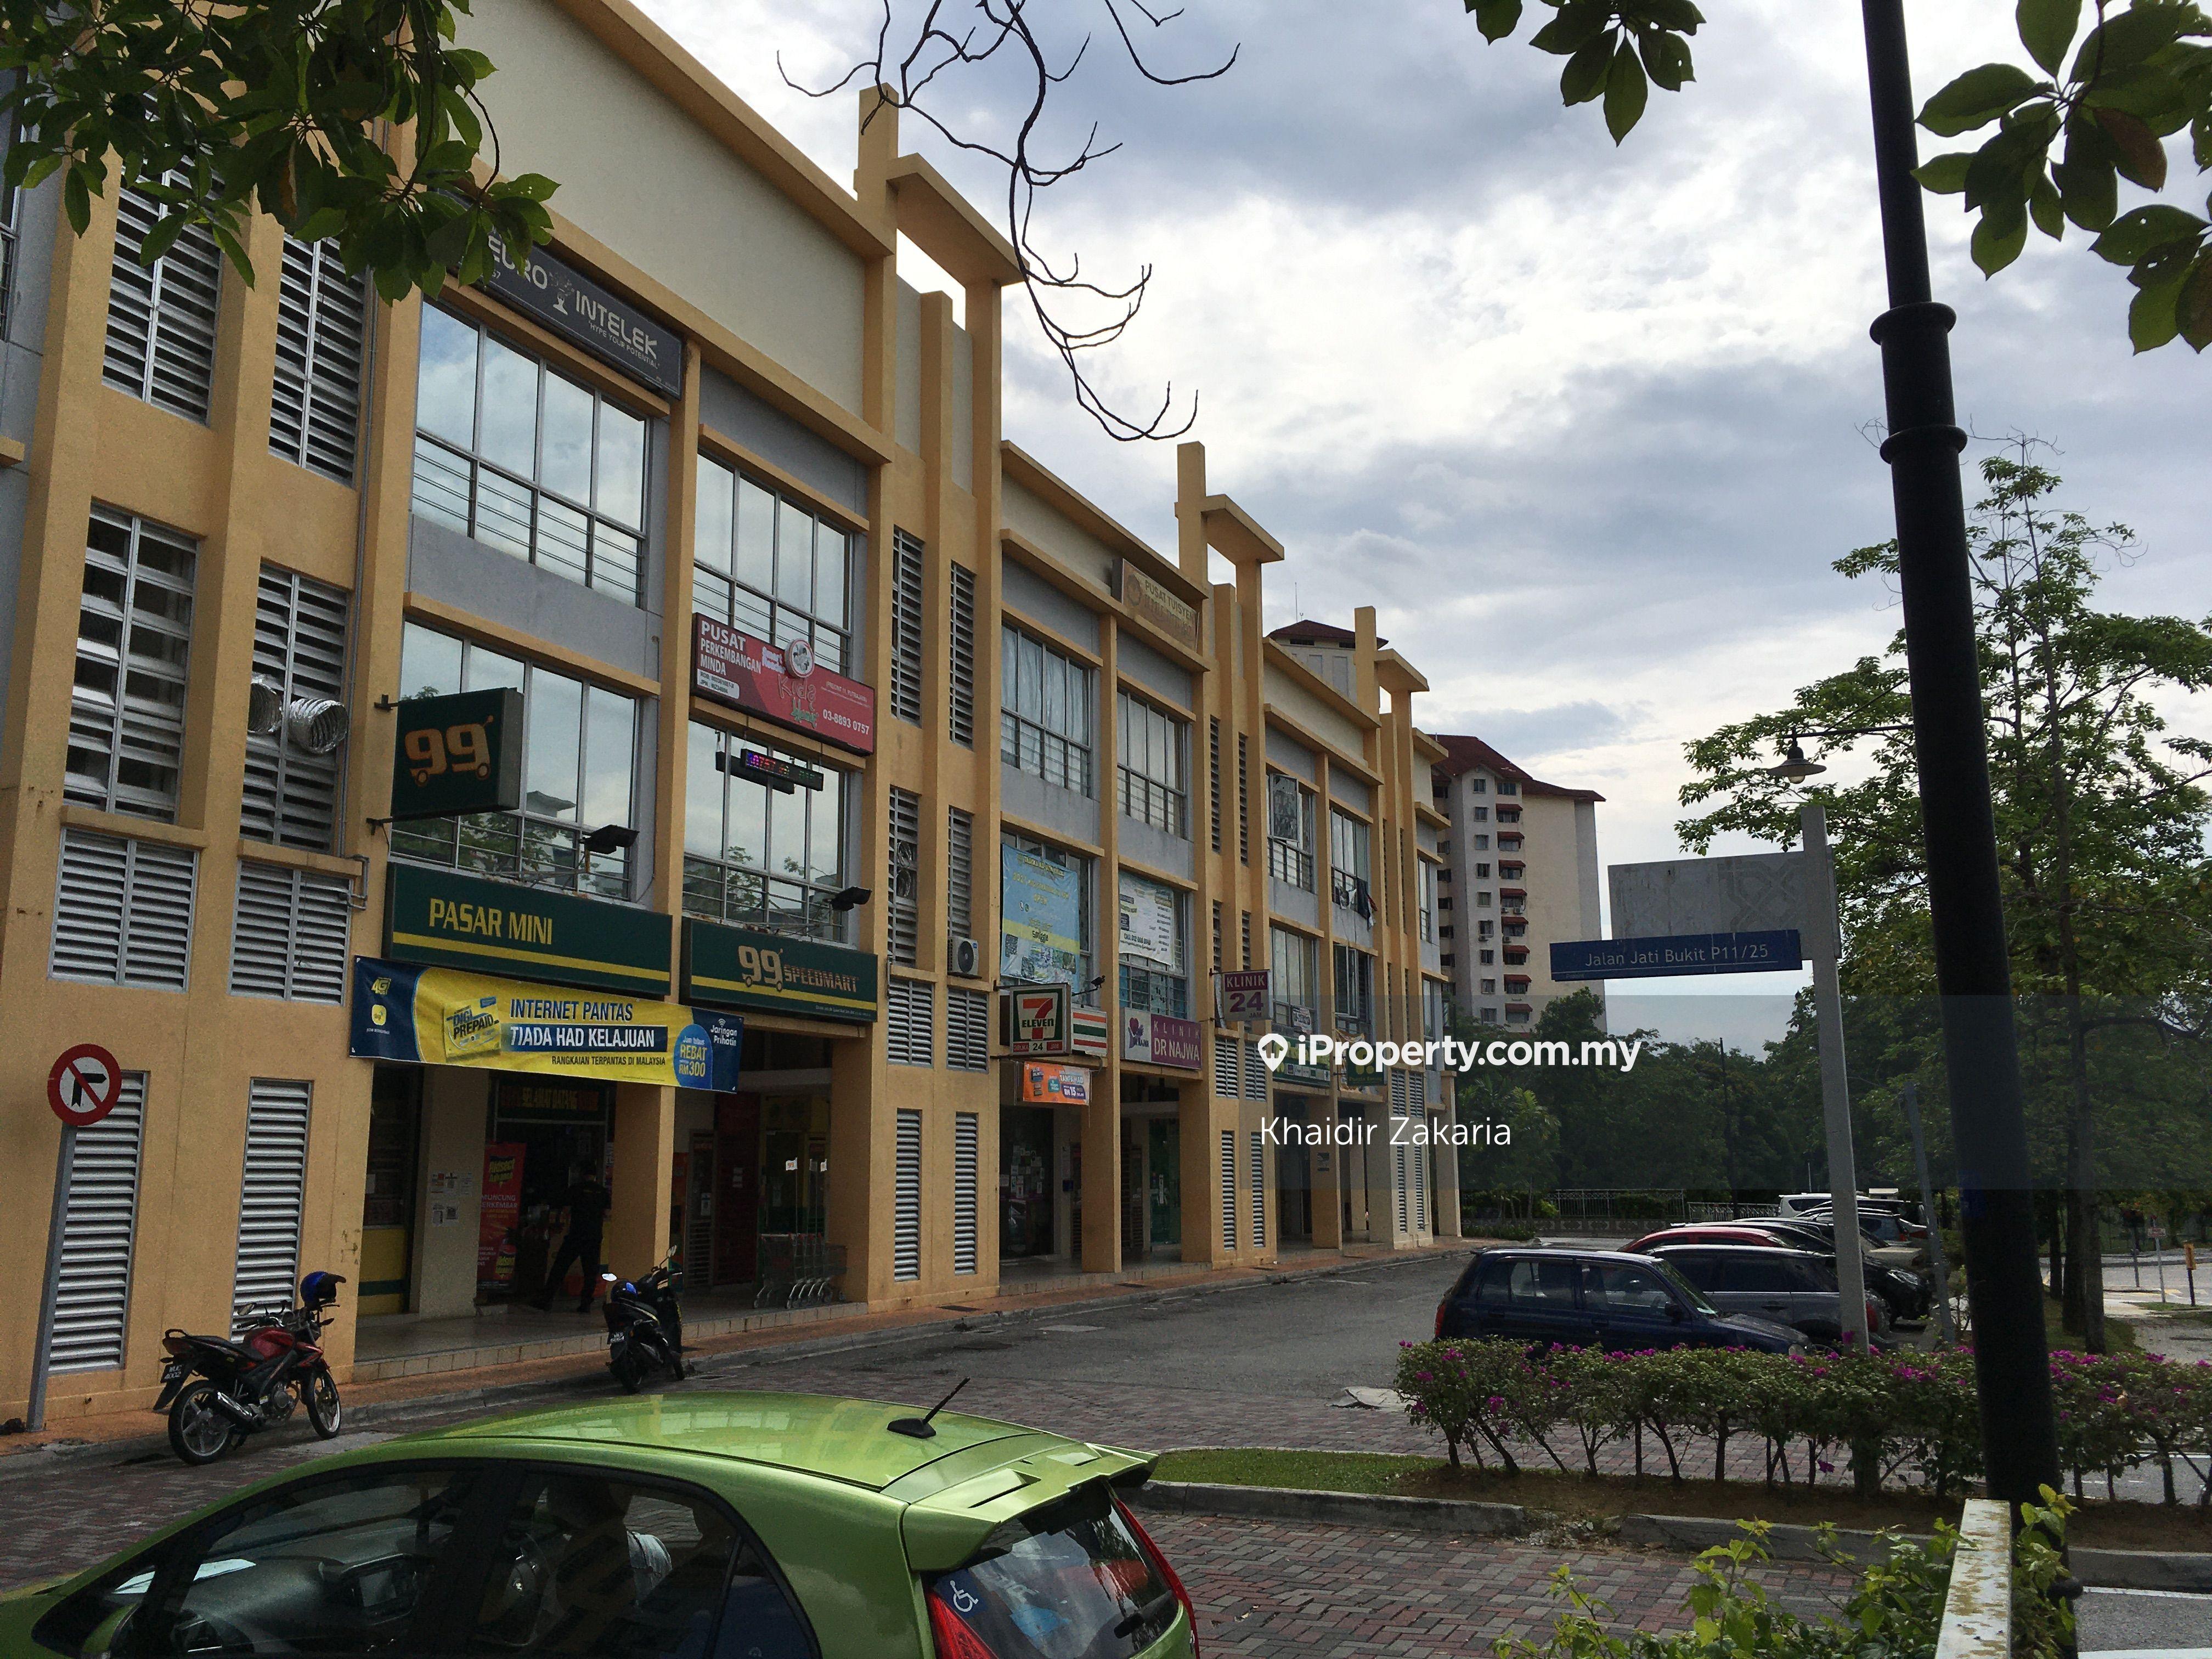 Presint 11 Commercial Property, Putrajaya